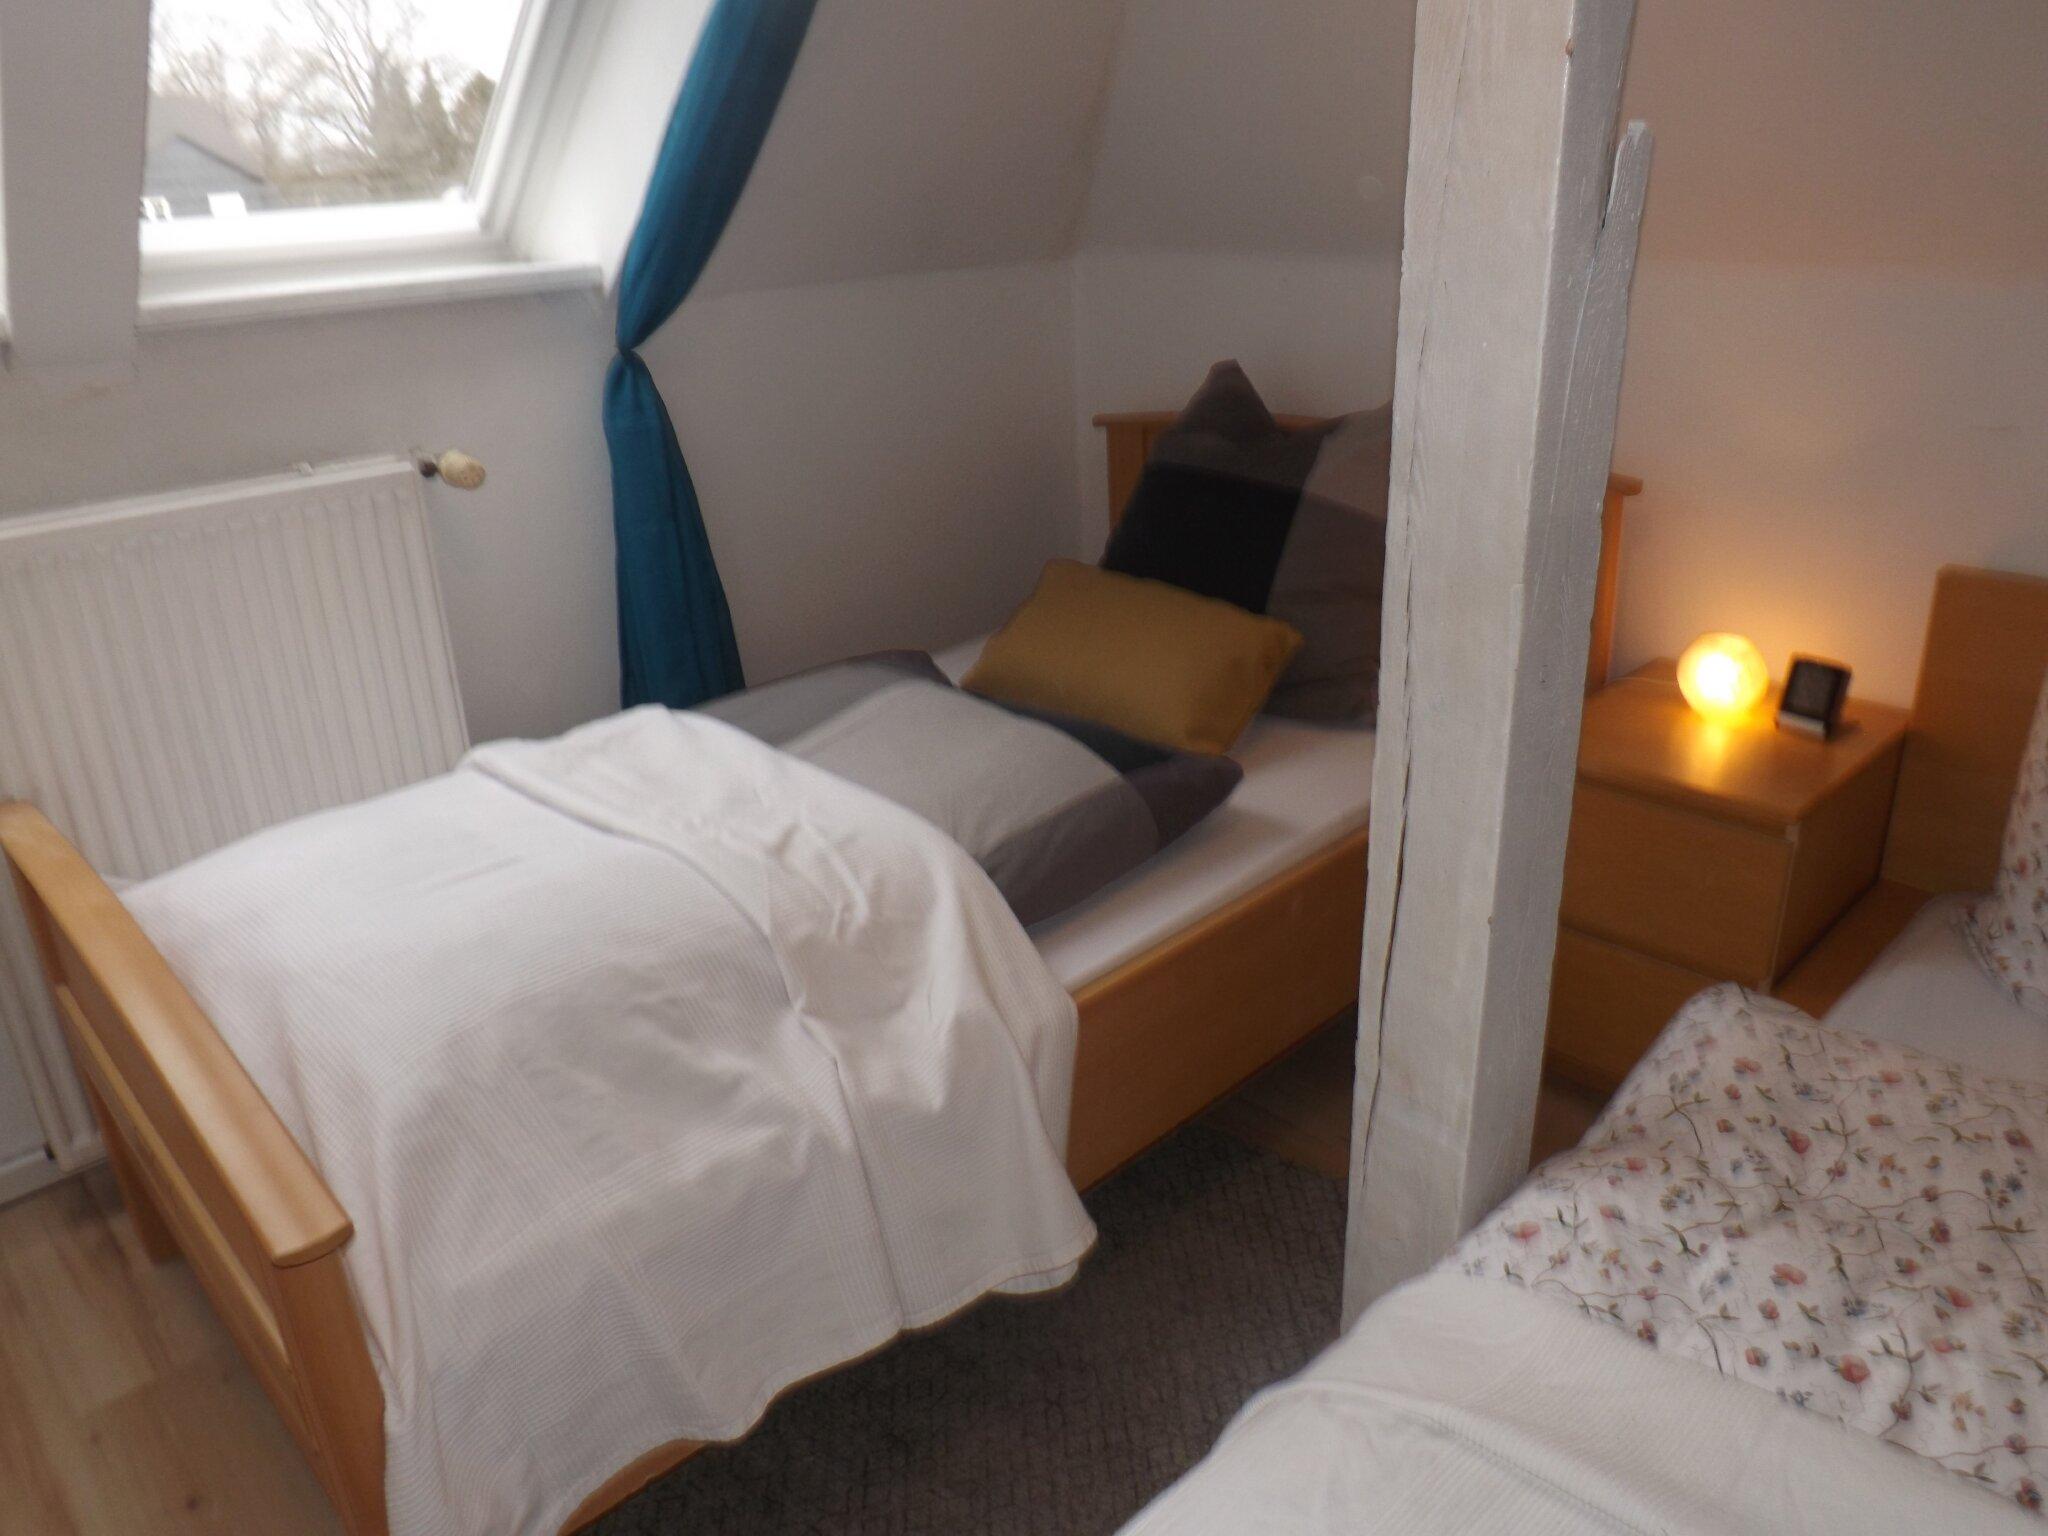 Einzelbett 100 x 200cm im Dreibettzimmer